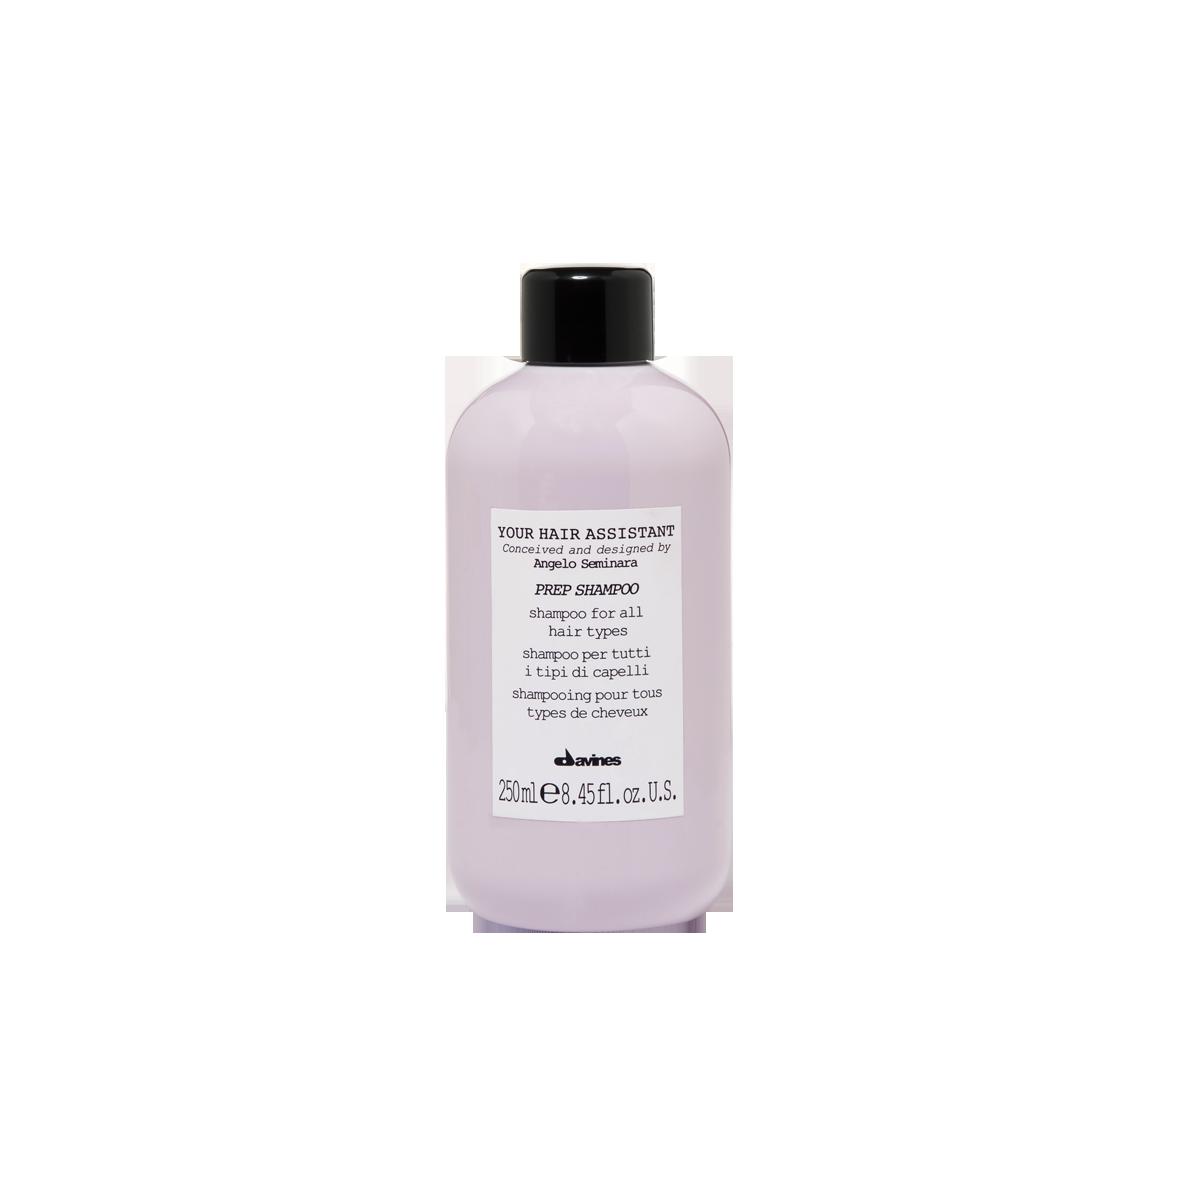 Davines Prep Shampoo 1 lt | Hidratación y Nutrición